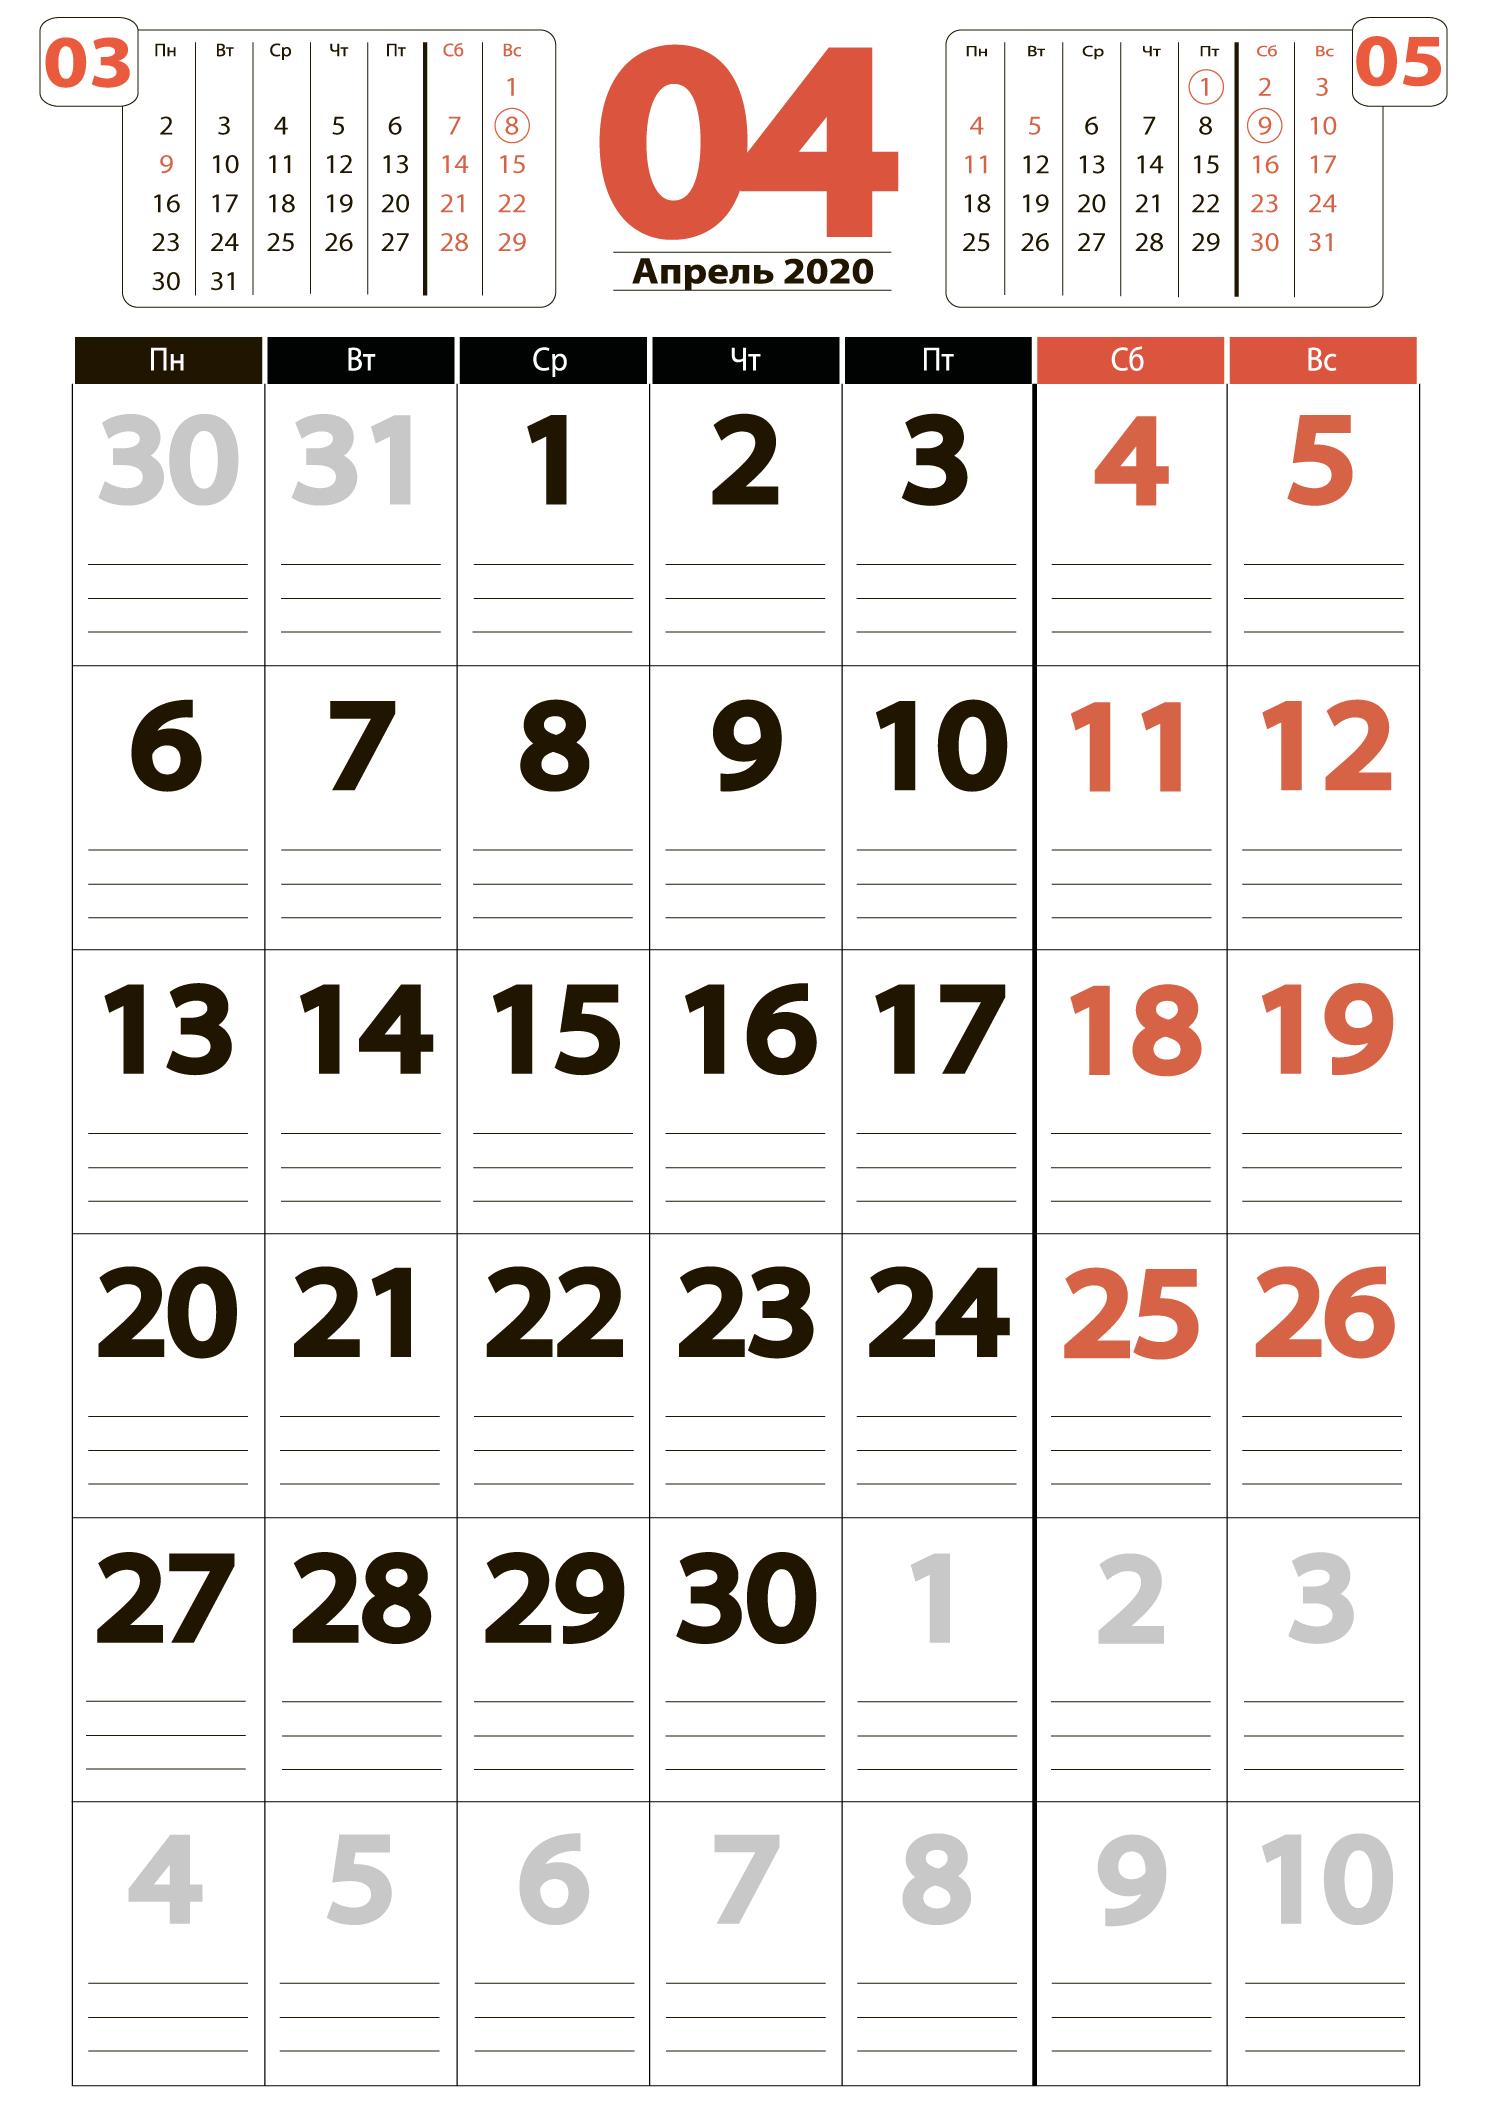 Печать крупного календаря на апрель 2020